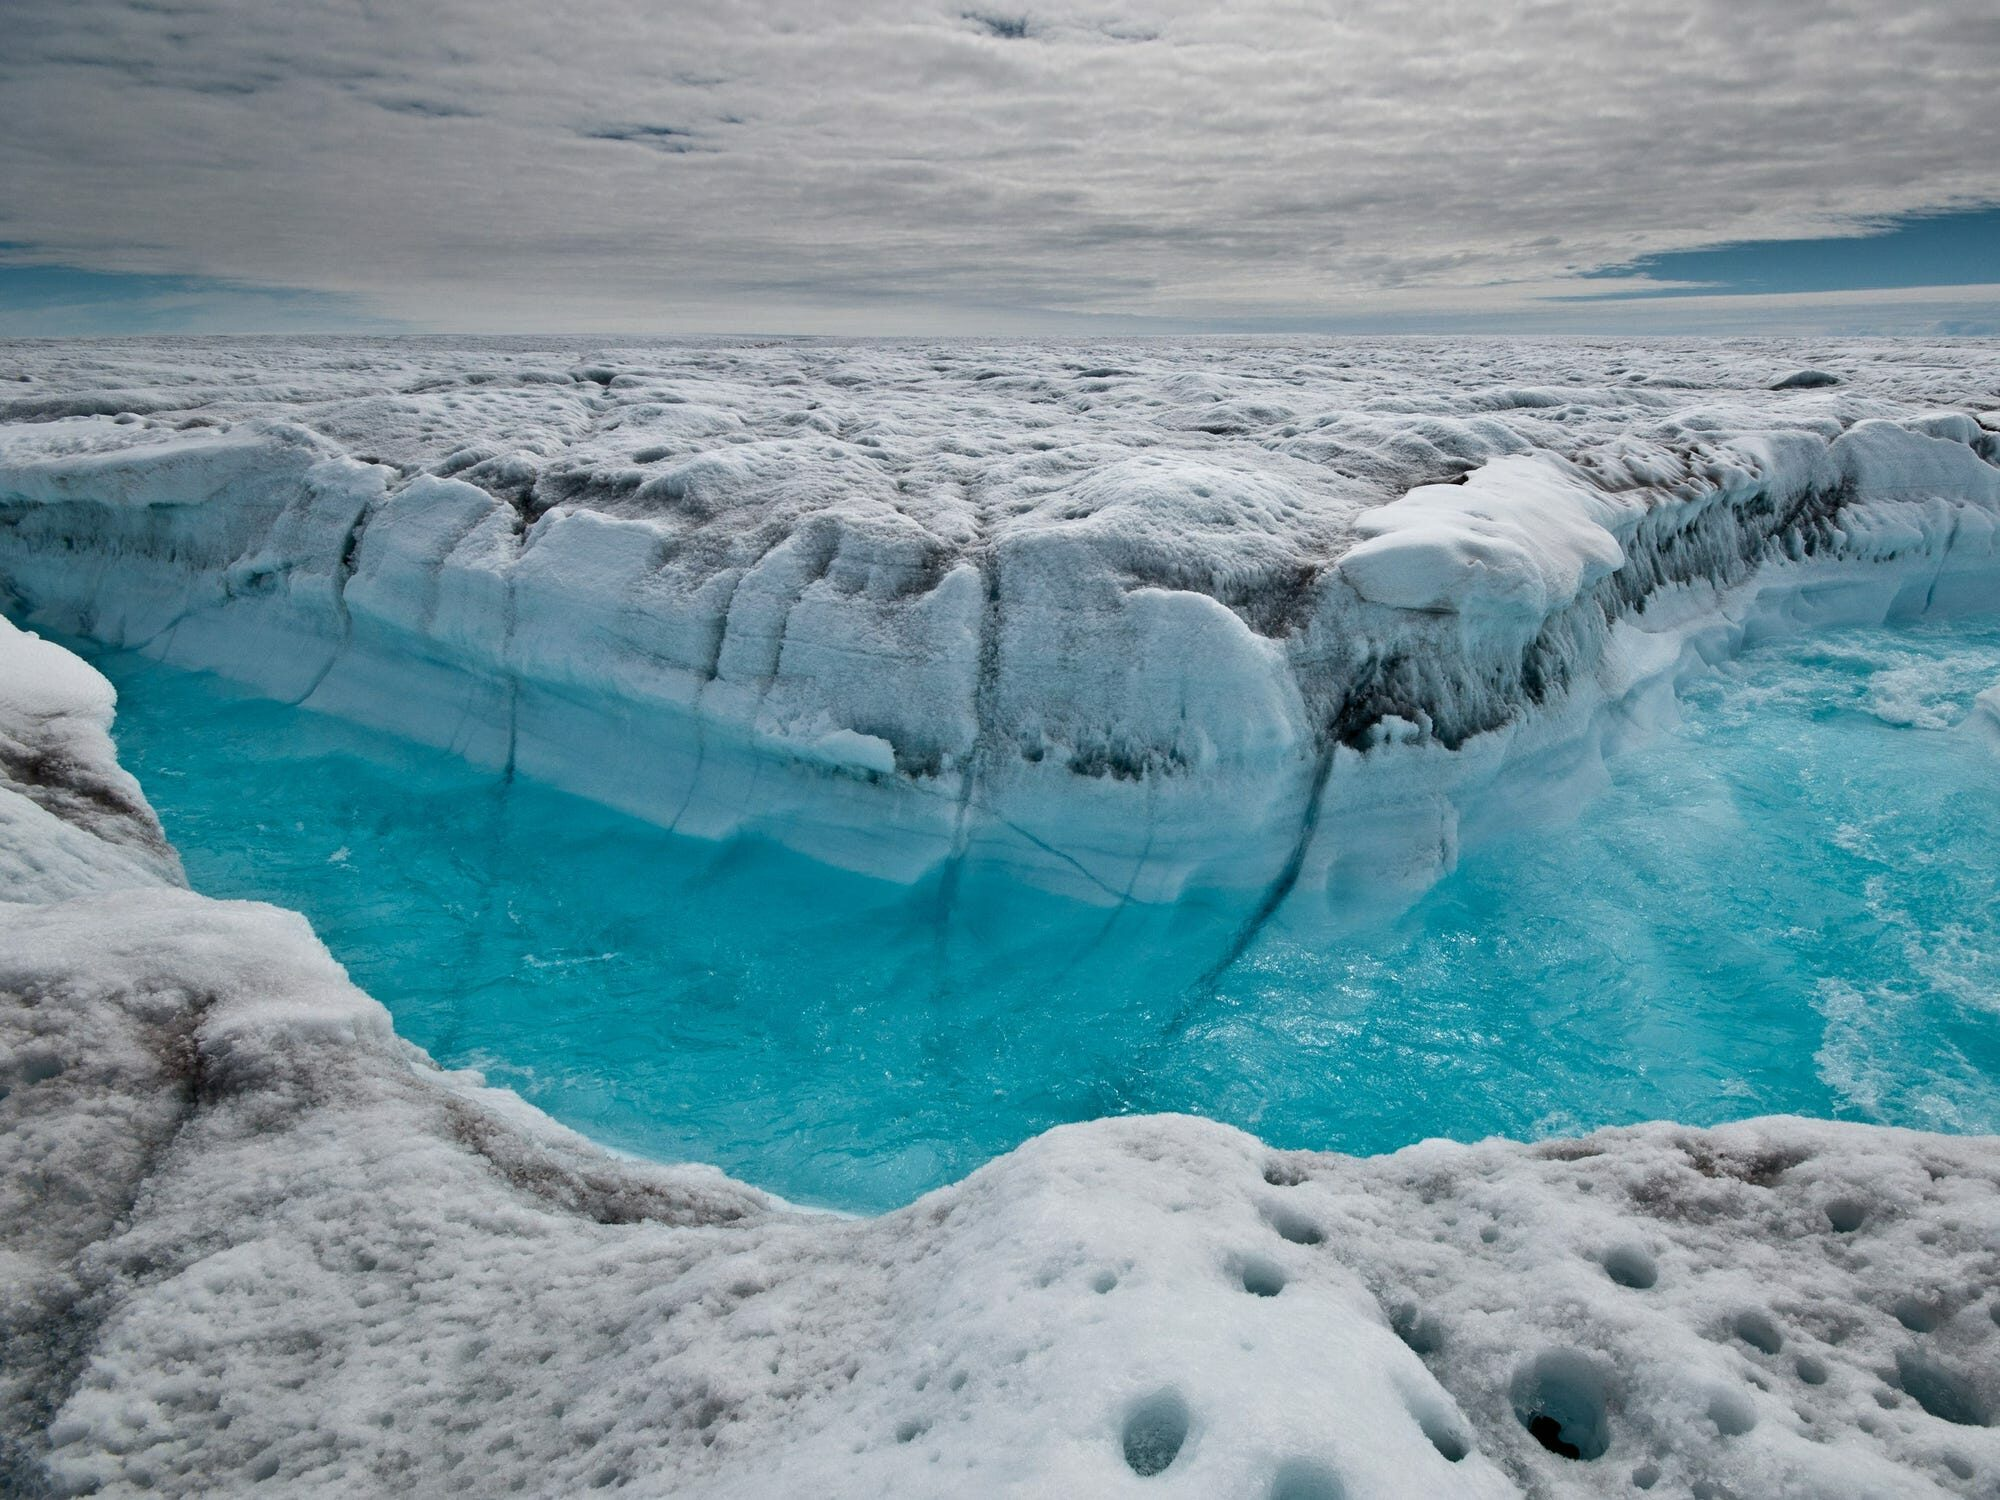 ฝนกระหน่ำบนเขาน้ำแข็ง กรีนแลนด์ ช่วงฤดูร้อน ครั้งแรกในประวัติศาสตร์